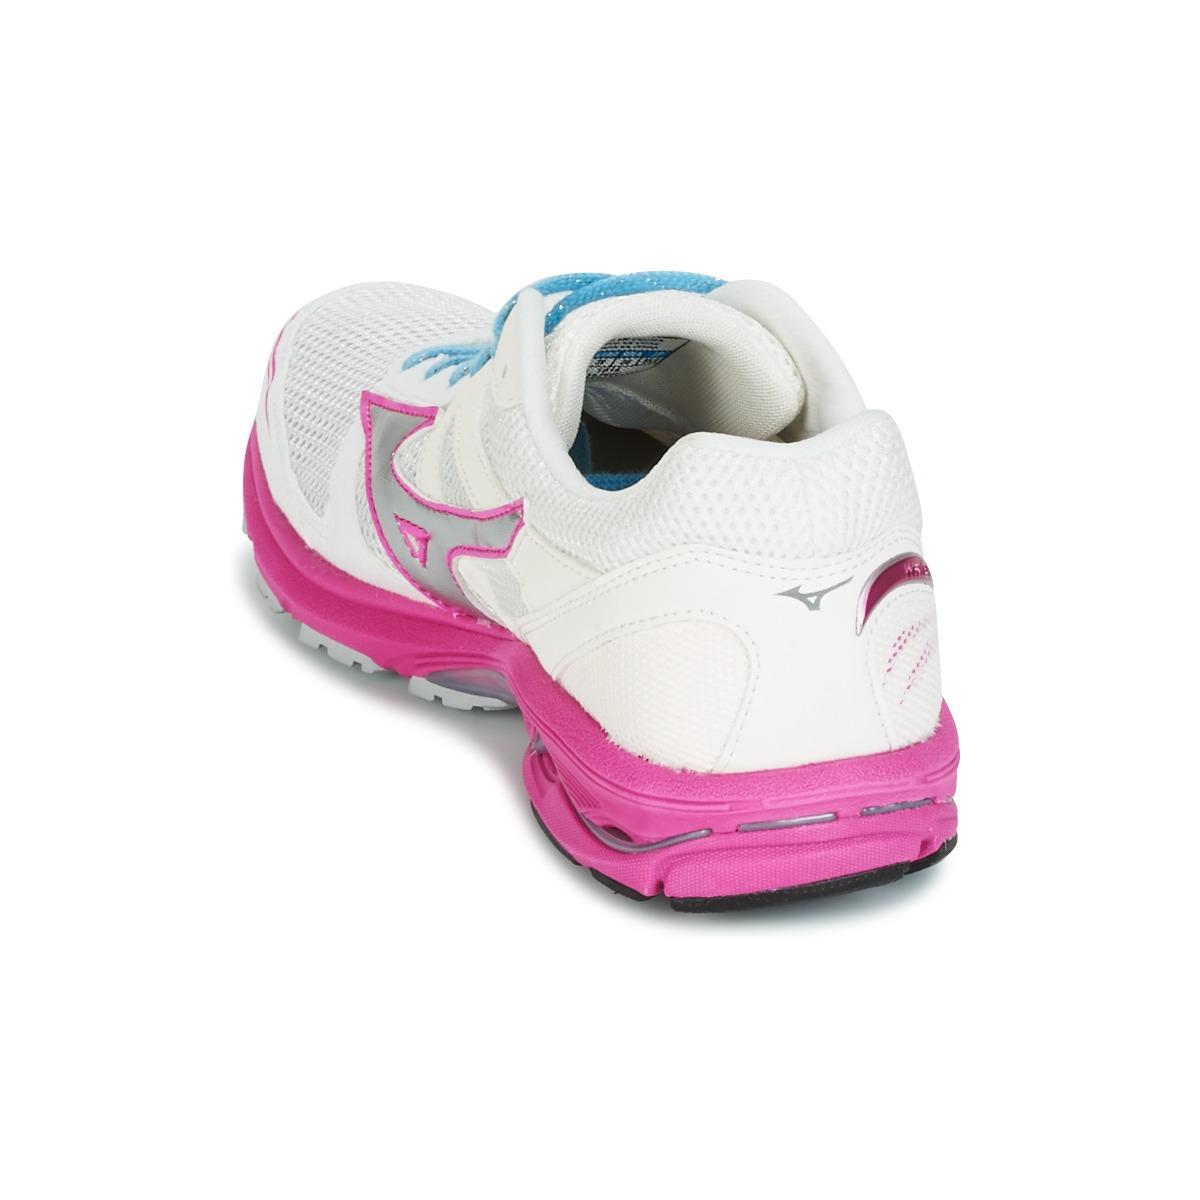 Mizuno Wave Aero 15 (w) Running Trainers in White